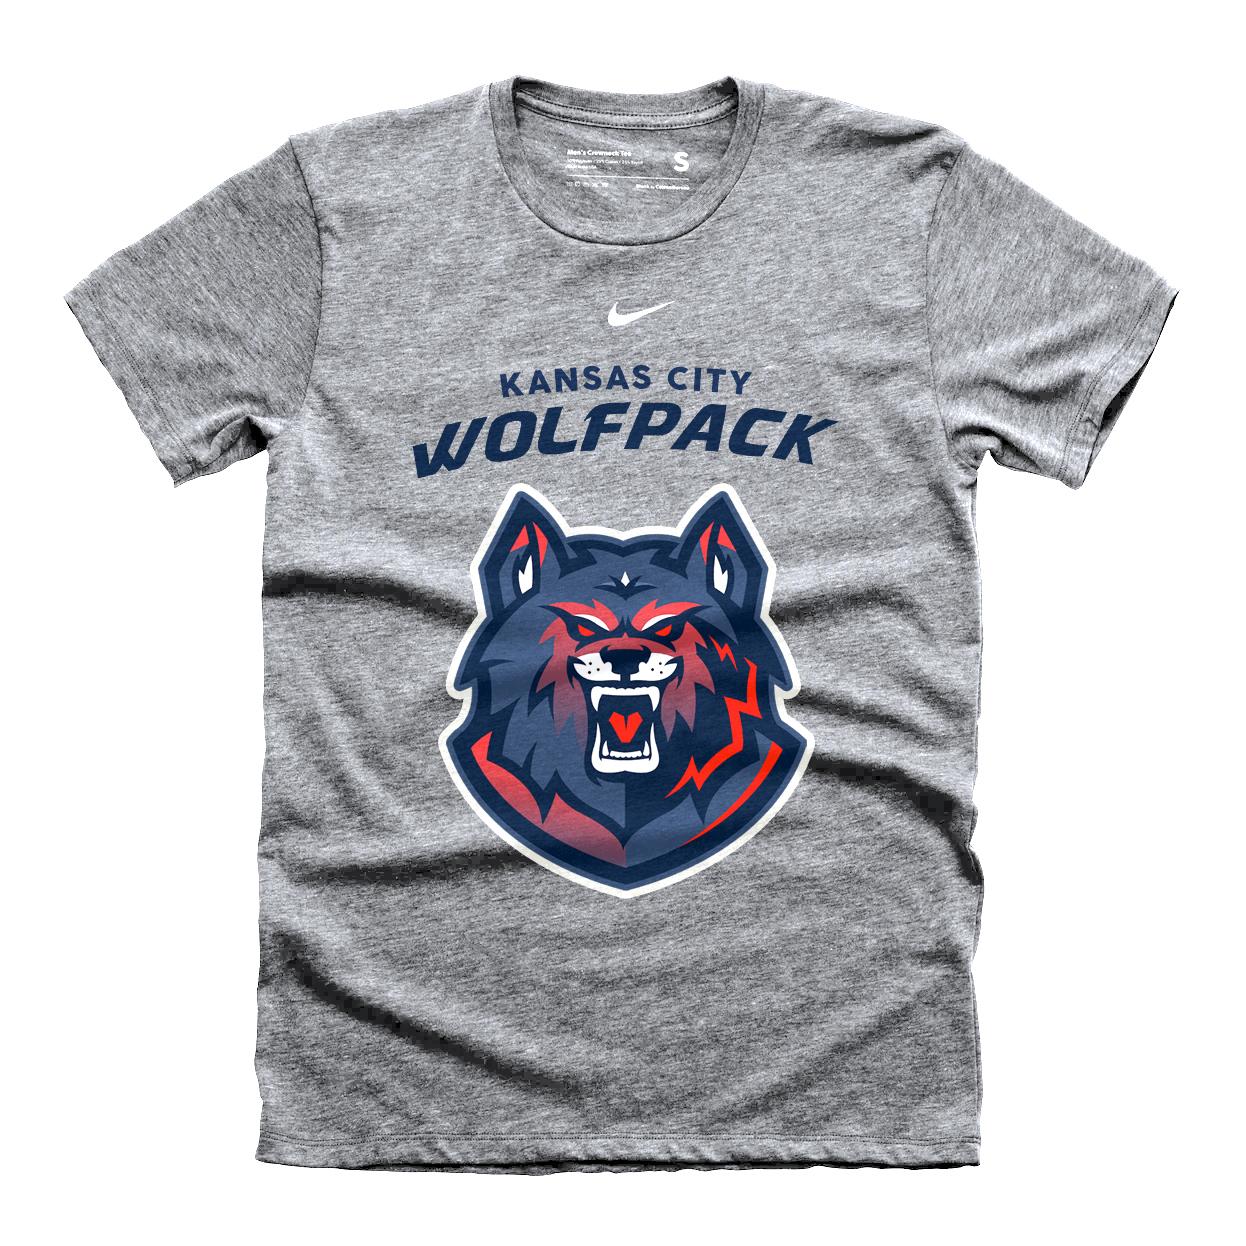 nba_wolfpack_shirt_template_3